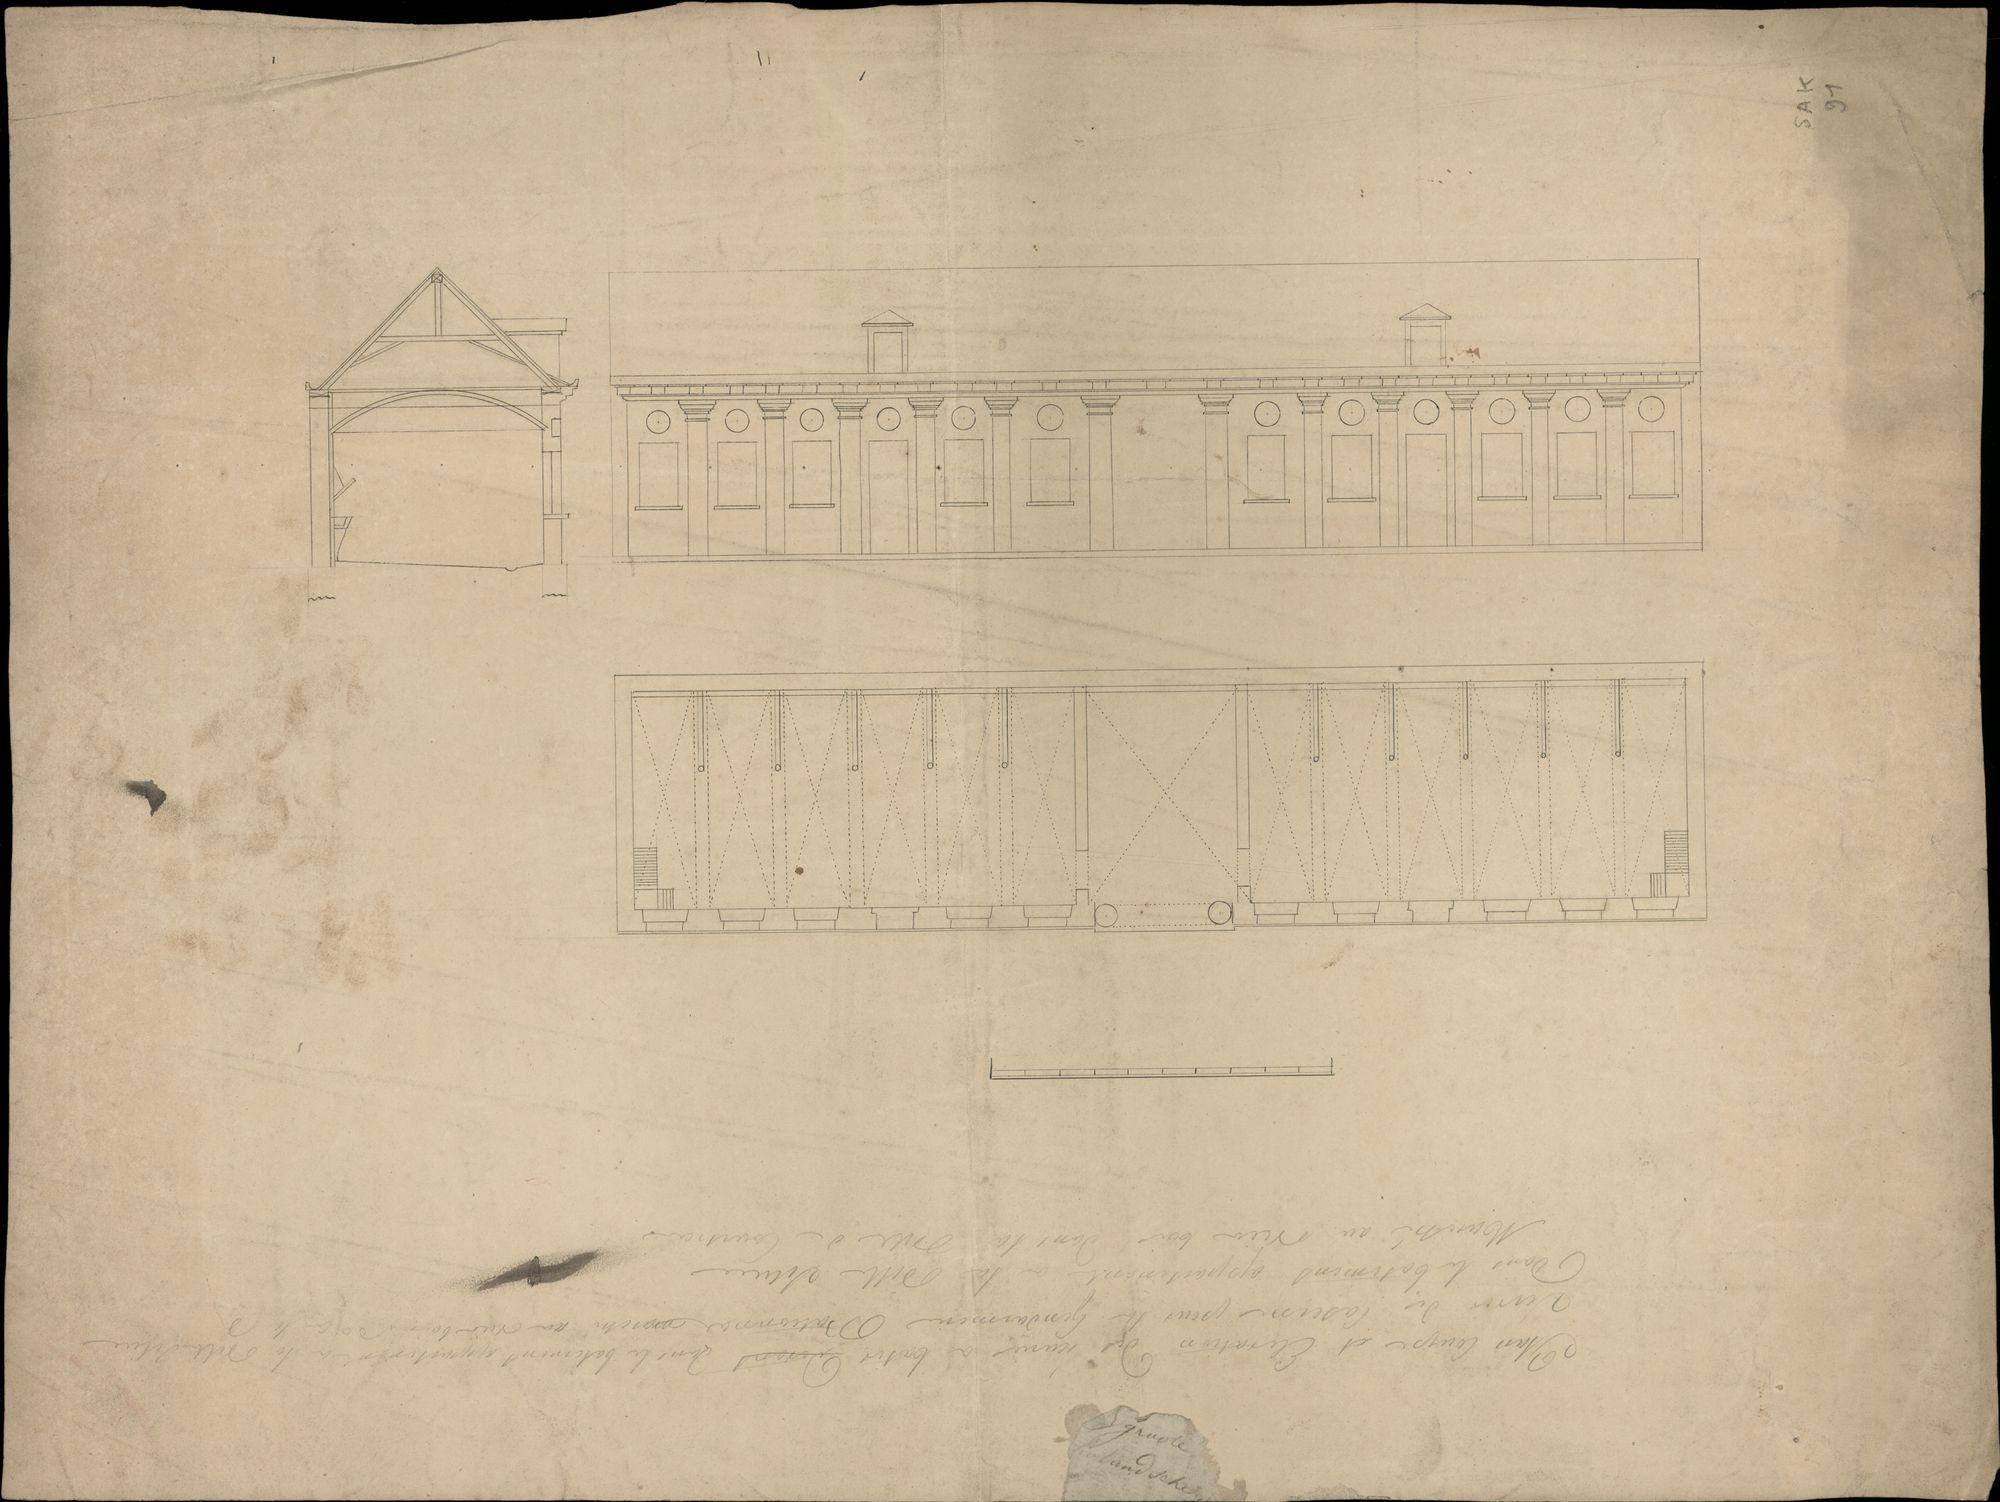 Bouwplan voor de inrichting van de stallingen van de rijkswacht in een stadsgebouw op de Houtmarkt te Kortrijk, 19de eeuw